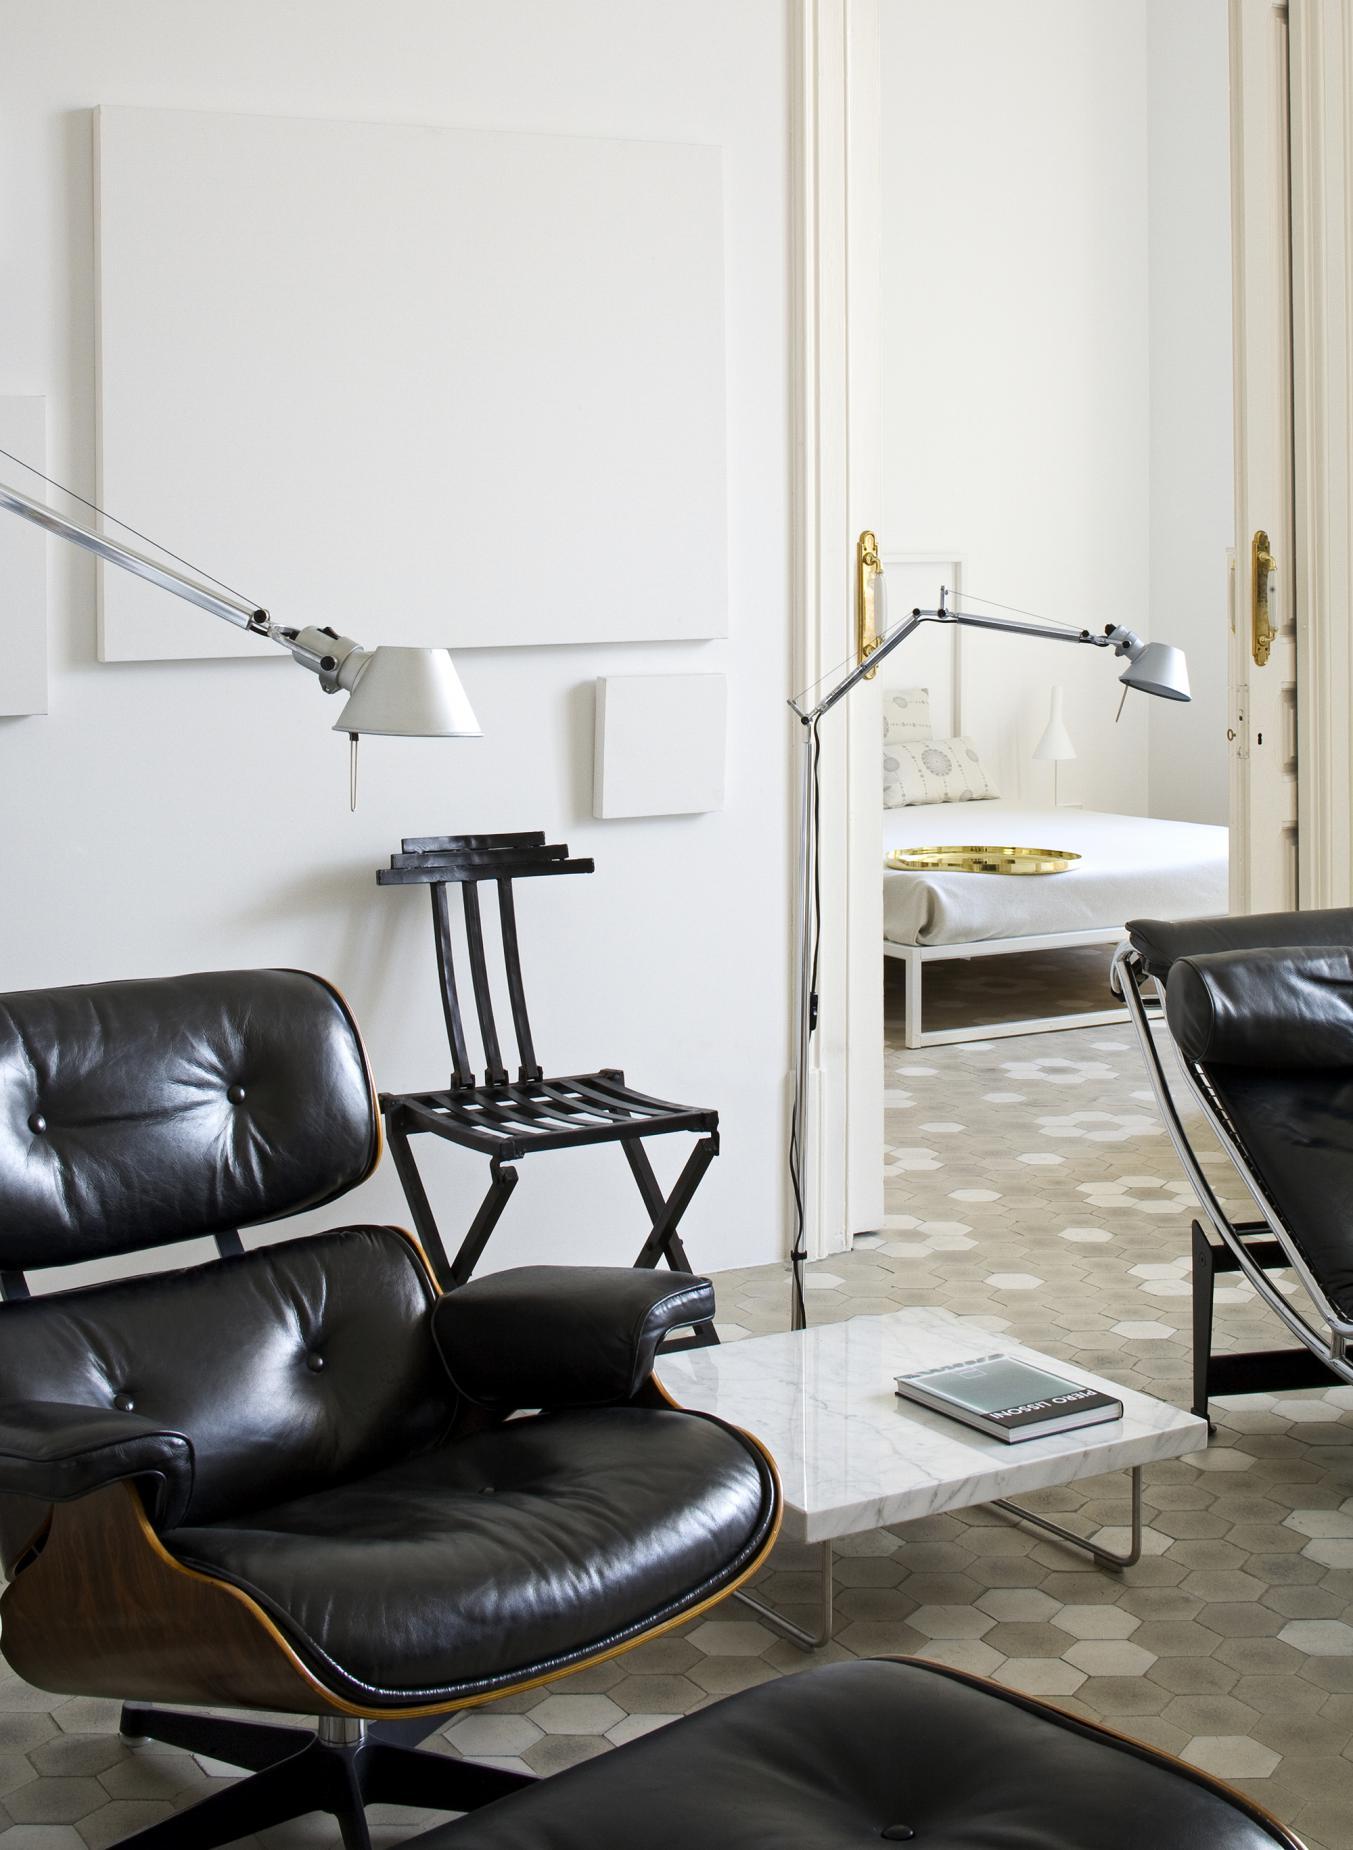 Piso se orial en el ensanche vilablanch estudio de arquitectura interior situado en barcelona - Pisos de proteccion oficial barcelona requisitos ...